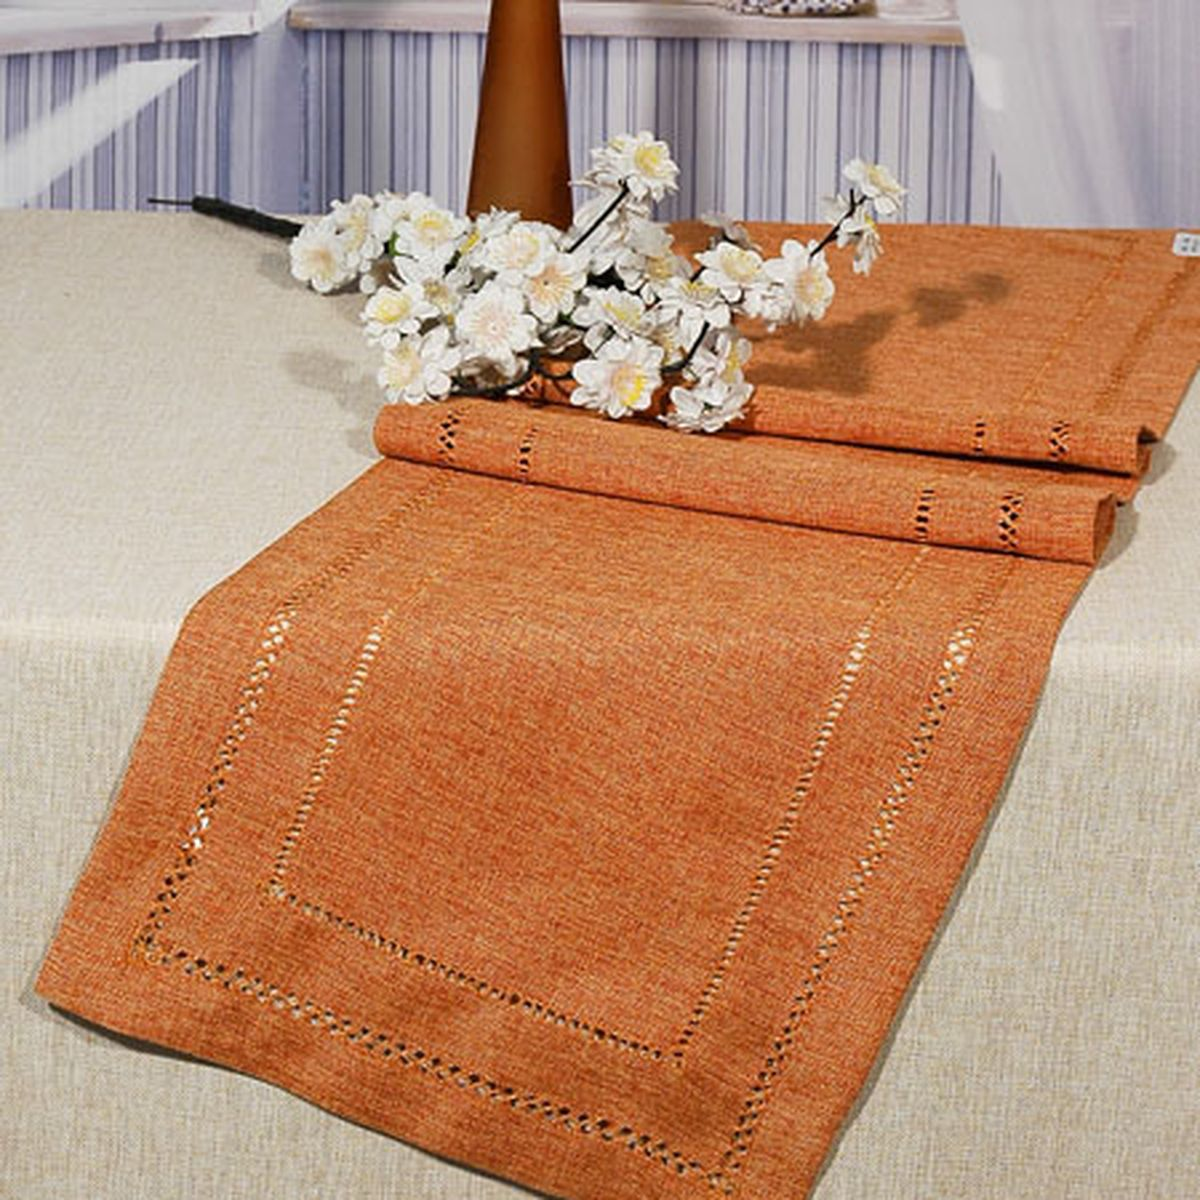 Дорожка для декорирования стола Schaefer, 40 x 140 см, цвет: оранжевый. 06733-211VT-1520(SR)Дорожка для декорирования стола Schaefer может быть использована, как основной элемент, так и дополнение для создания уюта и романтического настроения.Дорожка выполнена из полиэстера. Изделие легко стирать: оно не мнется, не садится и быстро сохнет, более долговечно, чем изделие из натуральных волокон.Материал: 100% полиэстер.Размер: 40 x 140 см